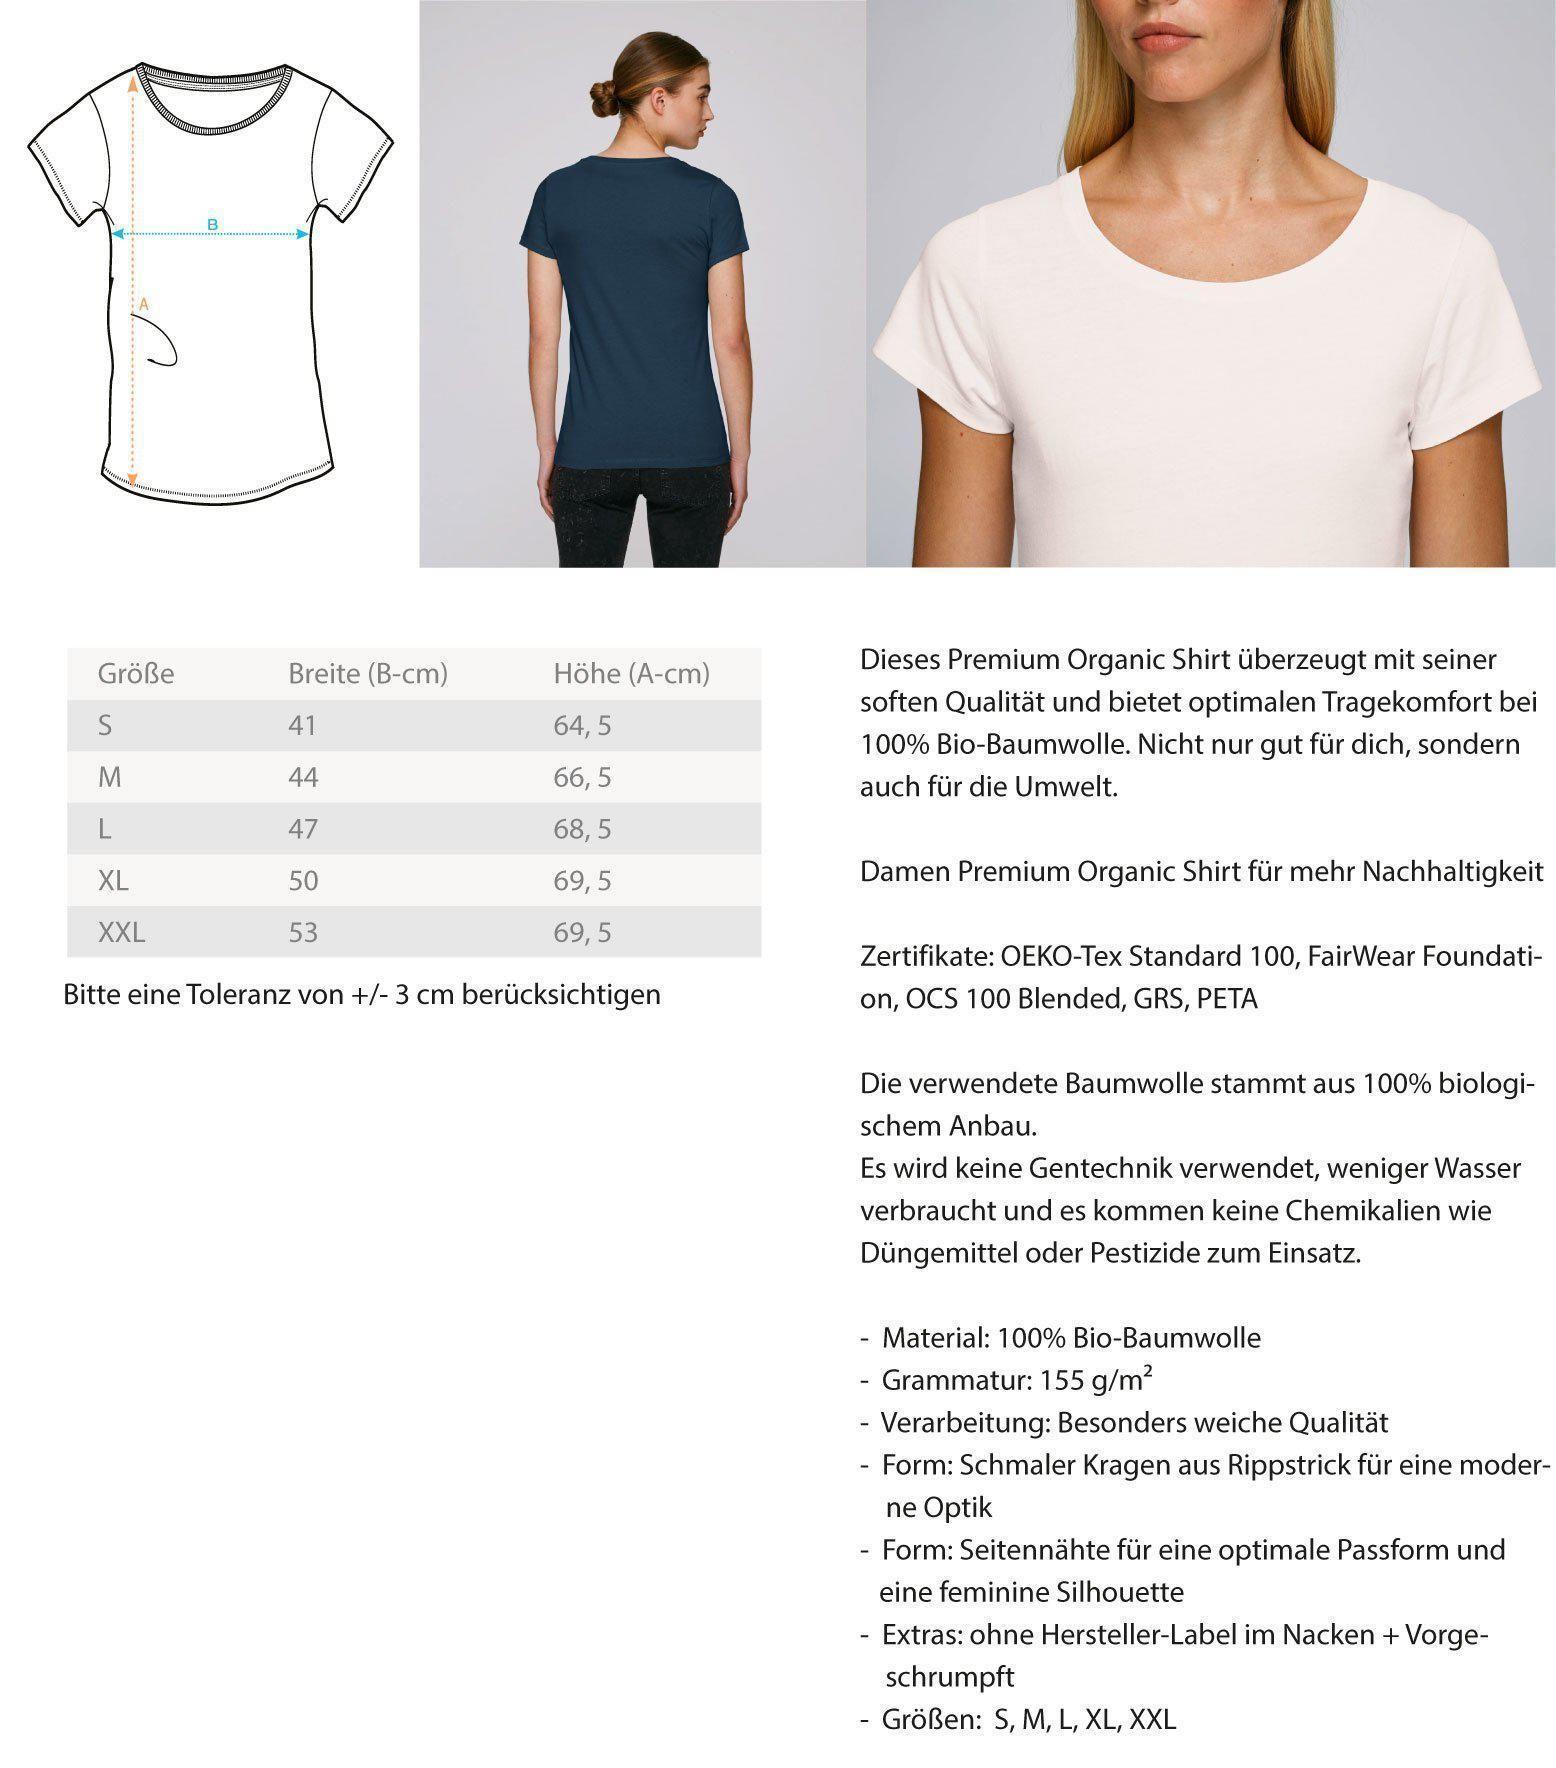 Dieses Premium Organic Damen Shirt überzeugt mit seiner soften Qualität und bietet optimalen Tragekomfort bei 100% Bio-Baumwolle. Nicht nur gut für dich, sondern auch für die Umwelt. Das Premium Organic Shirt eignet sich außerdem hervorragend als Geschenk für deine Liebsten, egal ob zum Vatertag, Muttertag, Weihnachten oder Geburtstag. Mit diesem einzigartigen Shirt sticht dein Geschenk ganz besonders heraus.Nach erfolgter Bestellung wird dein Produkt exklusiv für dich unmittelbar produziert und